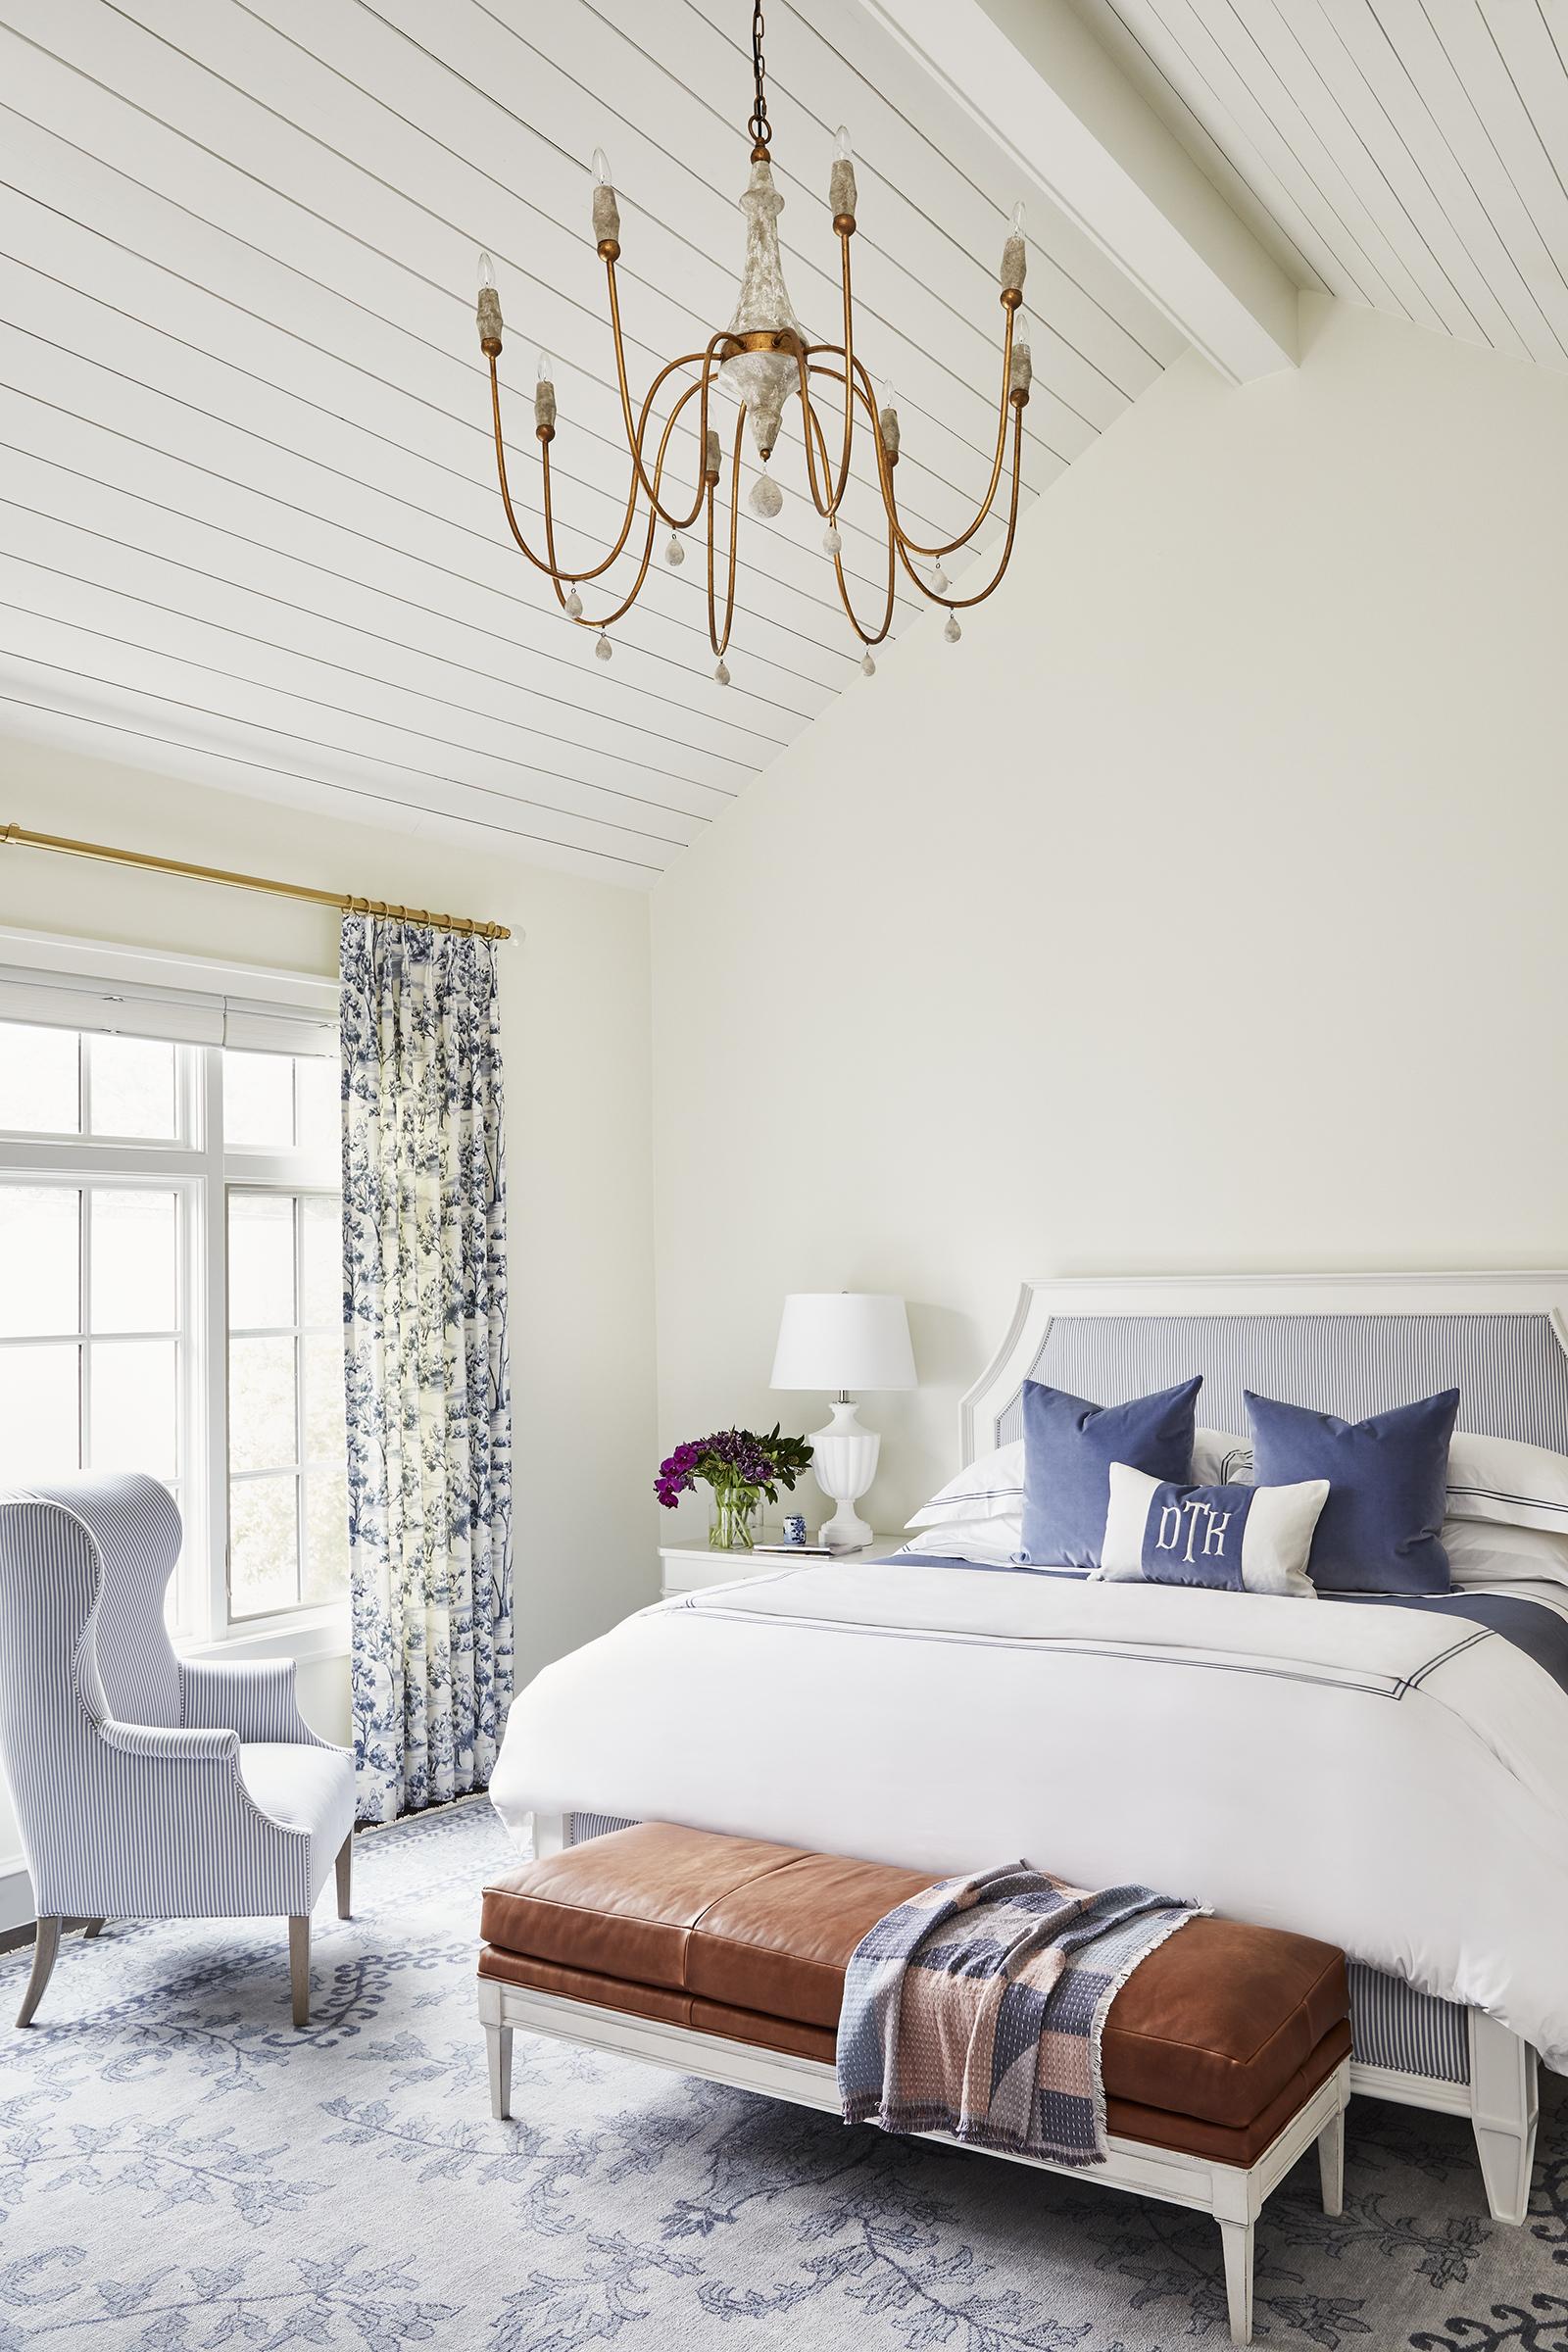 Beach Pretty House Style-Caitlin Wilson Designs 12.jpg